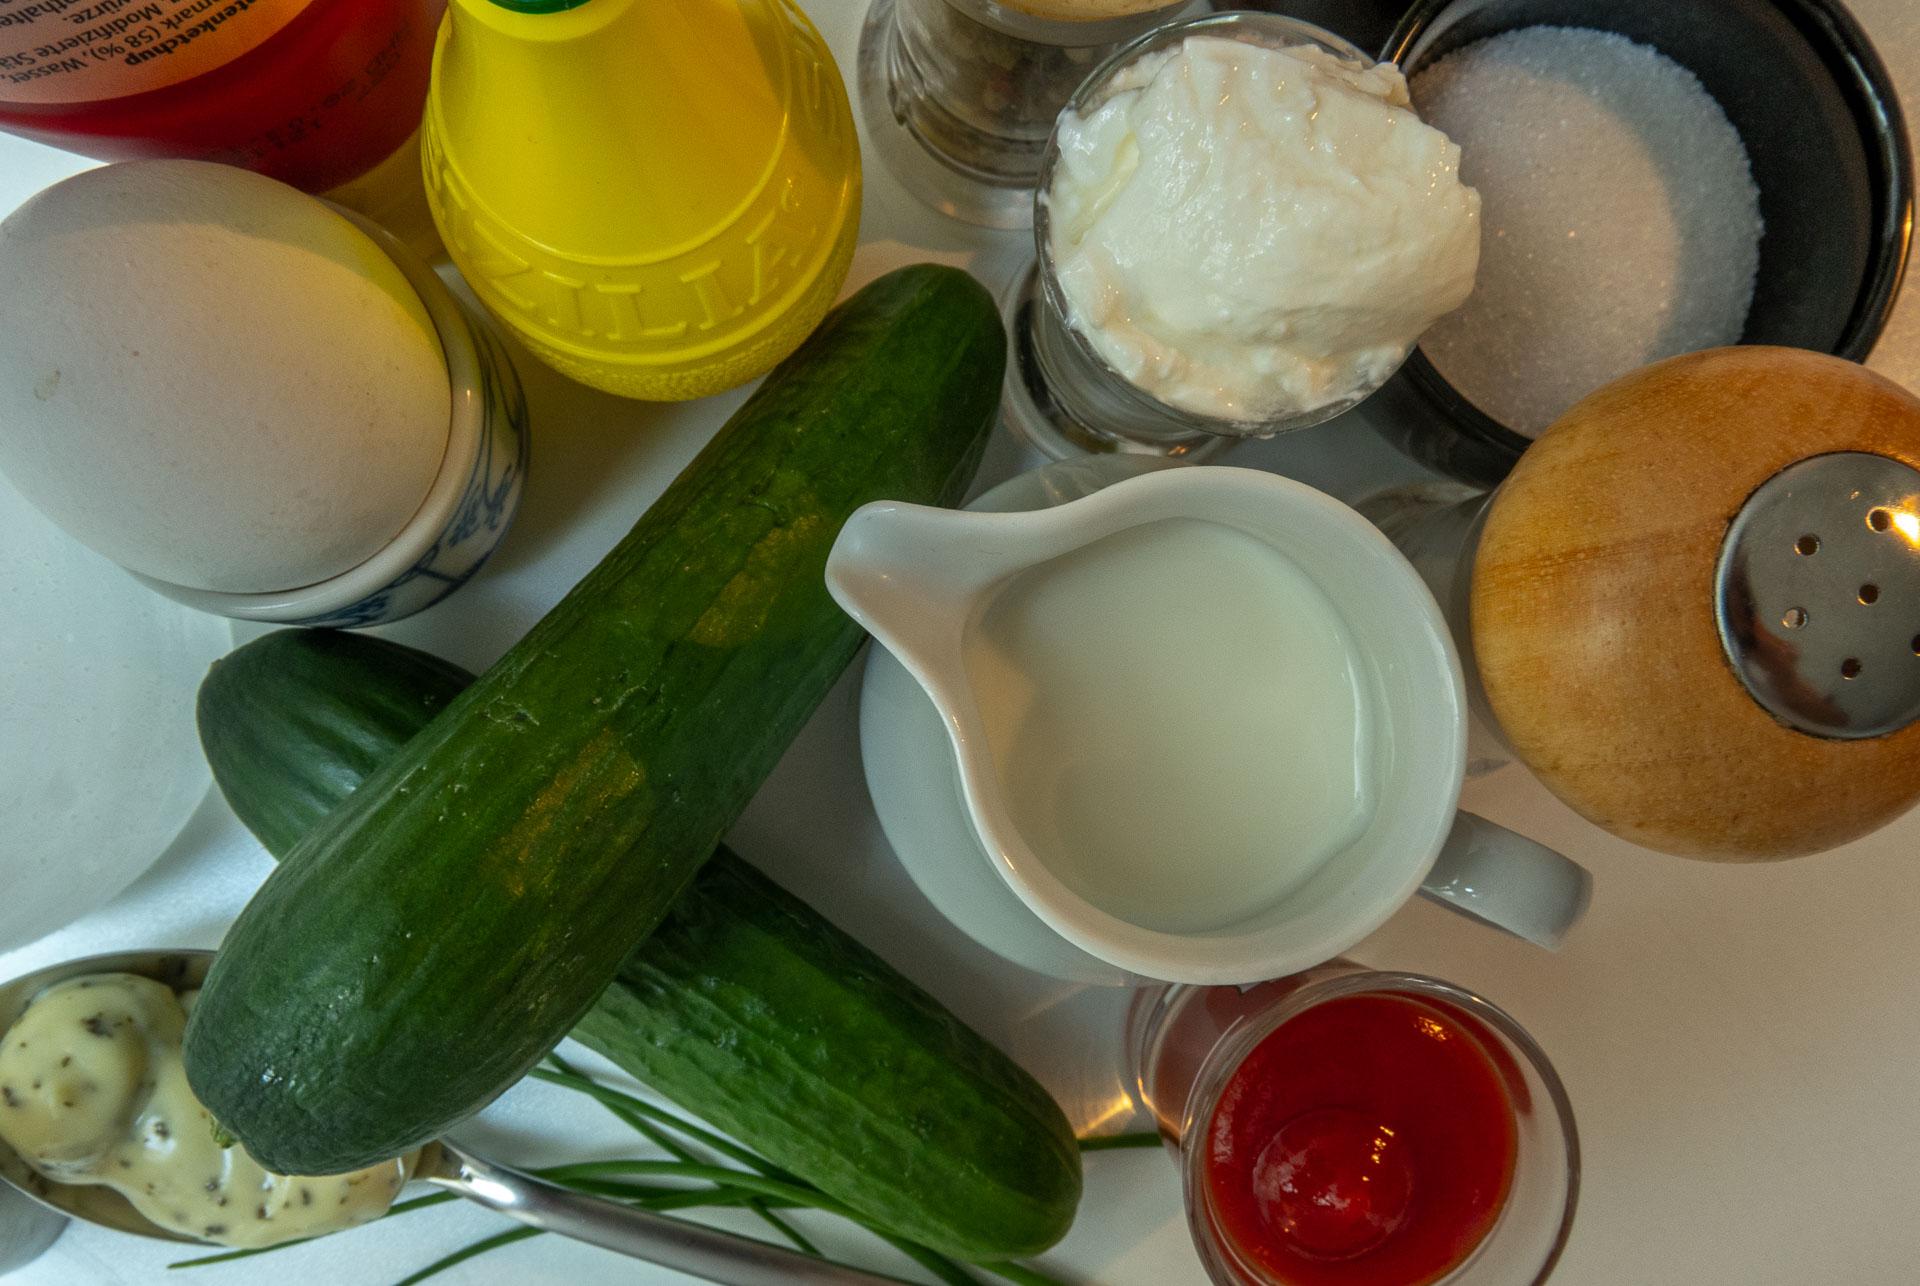 Gurken, ein Milchtopf, Ketchup, Zitronensaft, Ei, saure Sahne